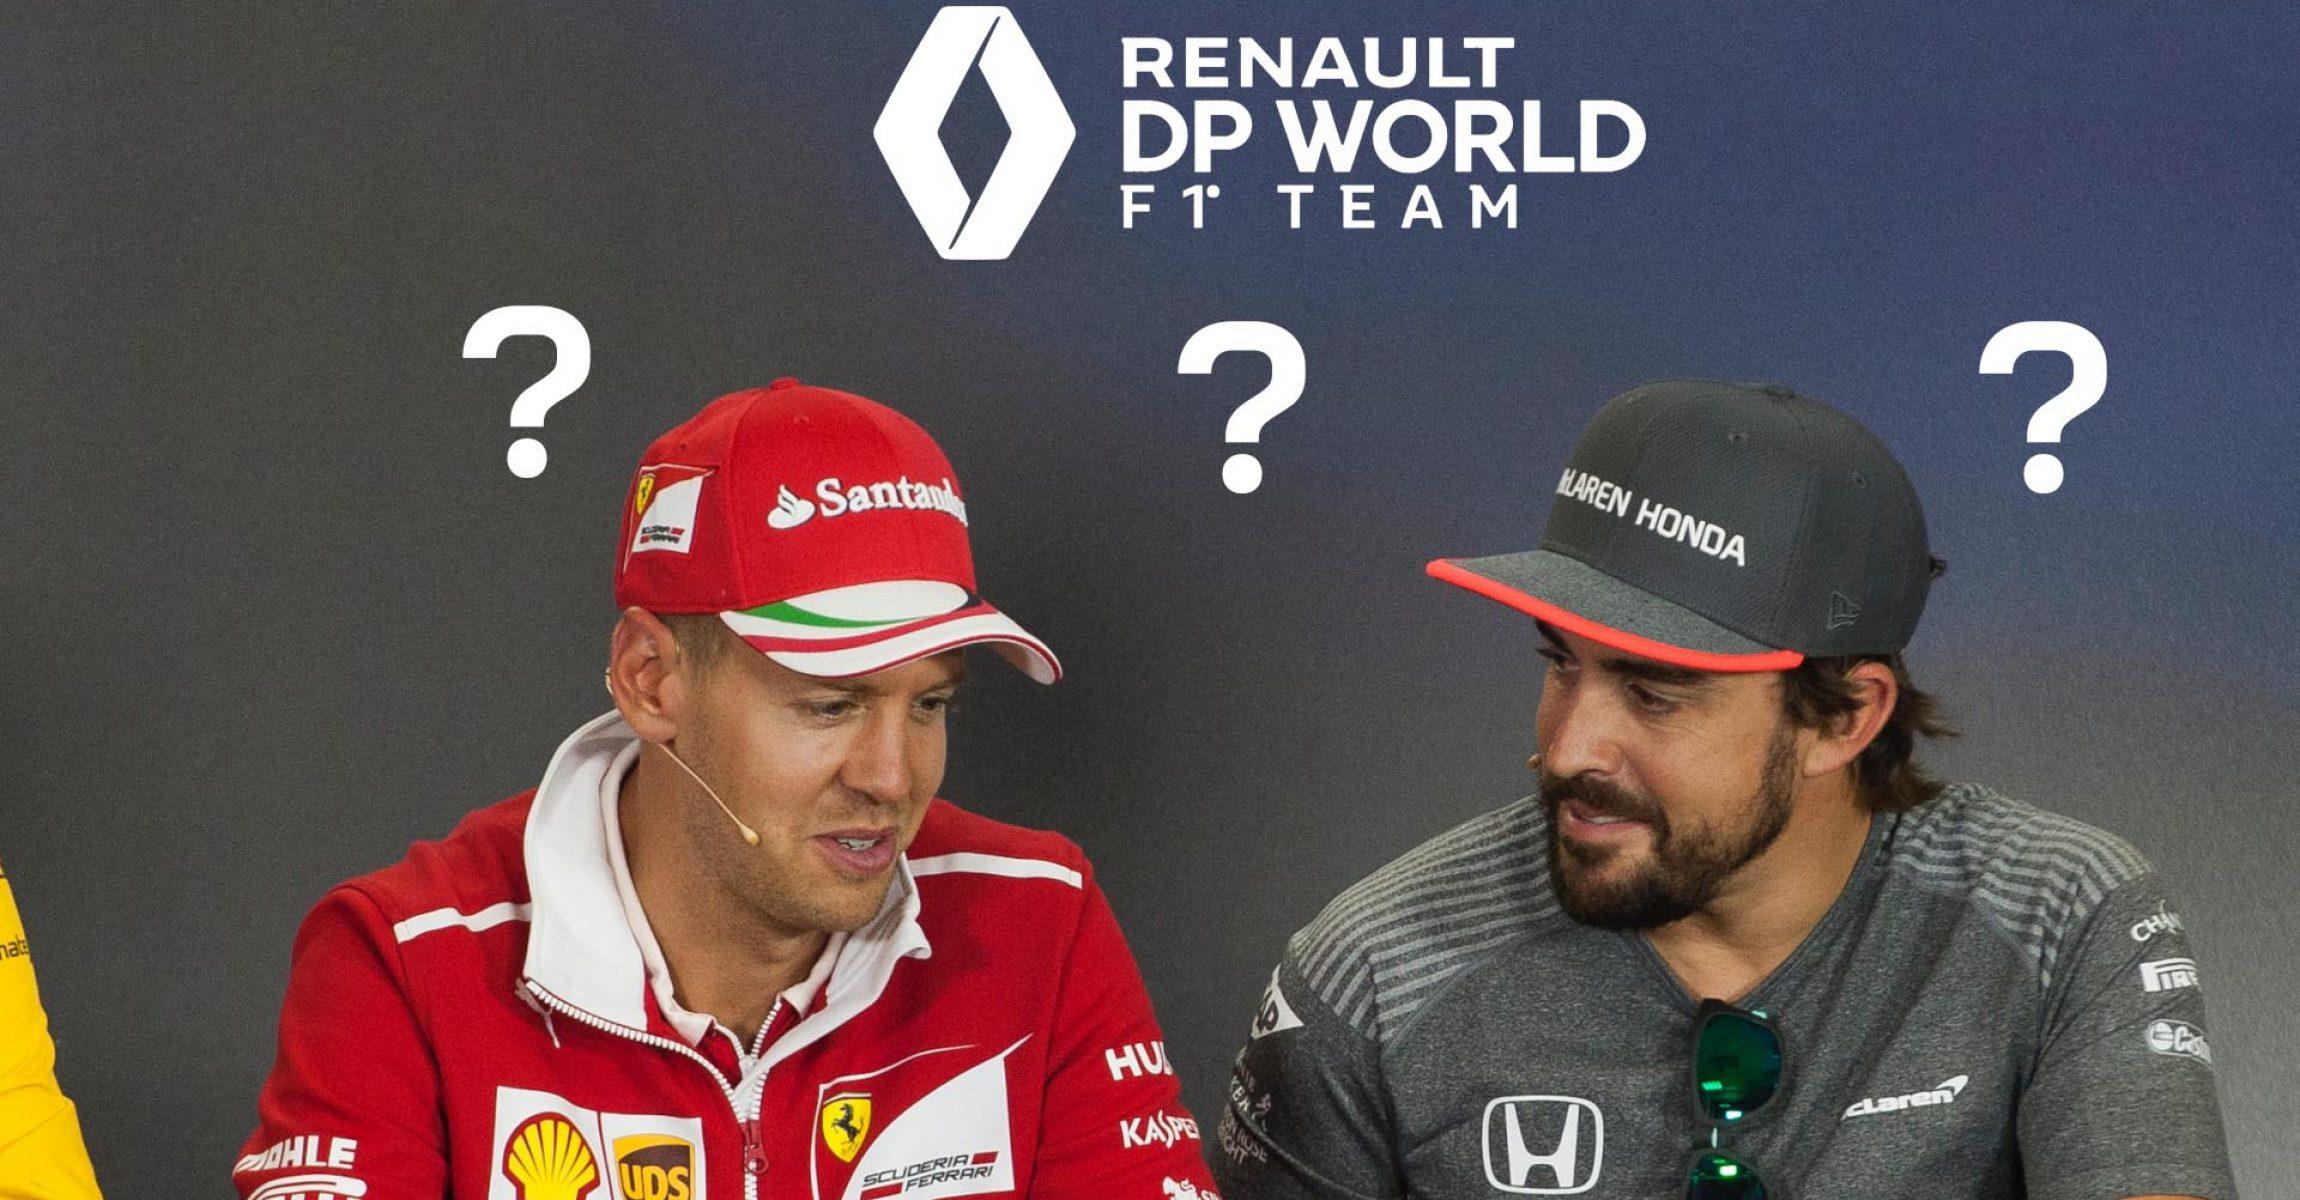 Vettel_Alonso_Renault